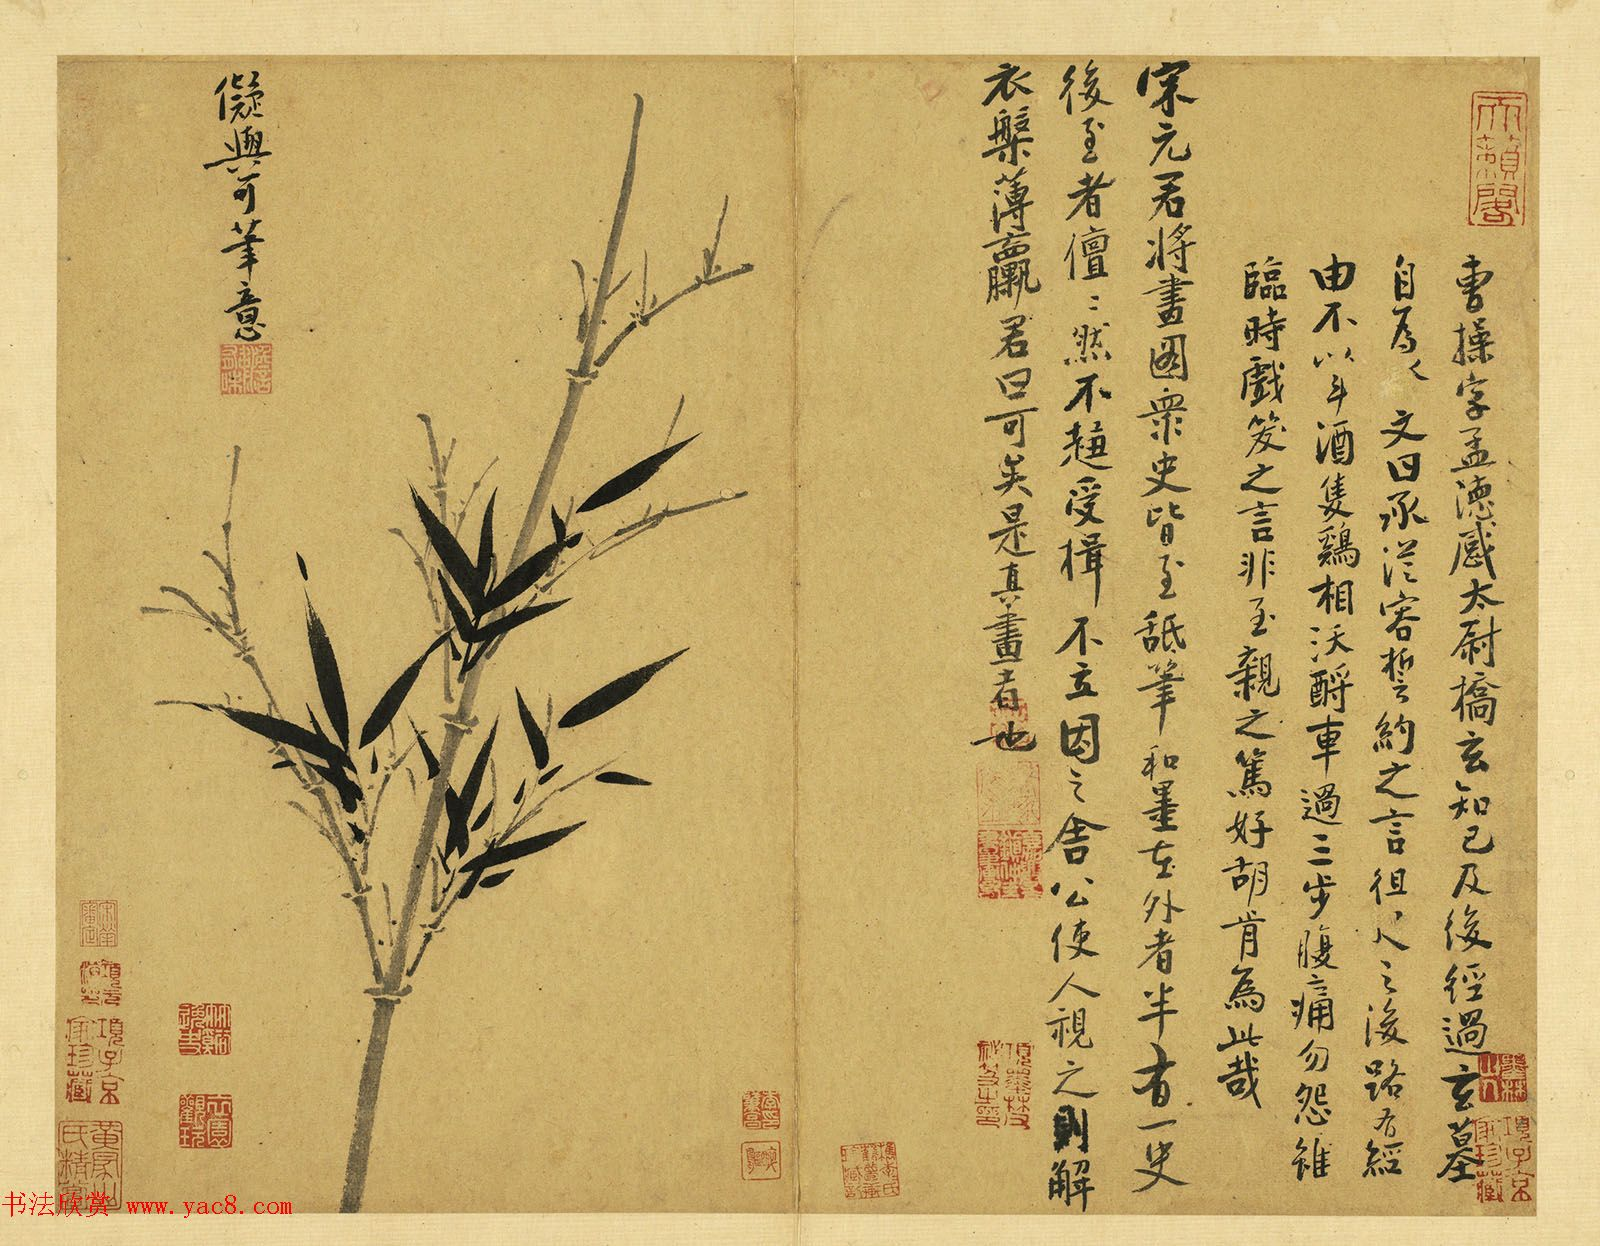 元代吴镇71岁书画册《墨竹谱》